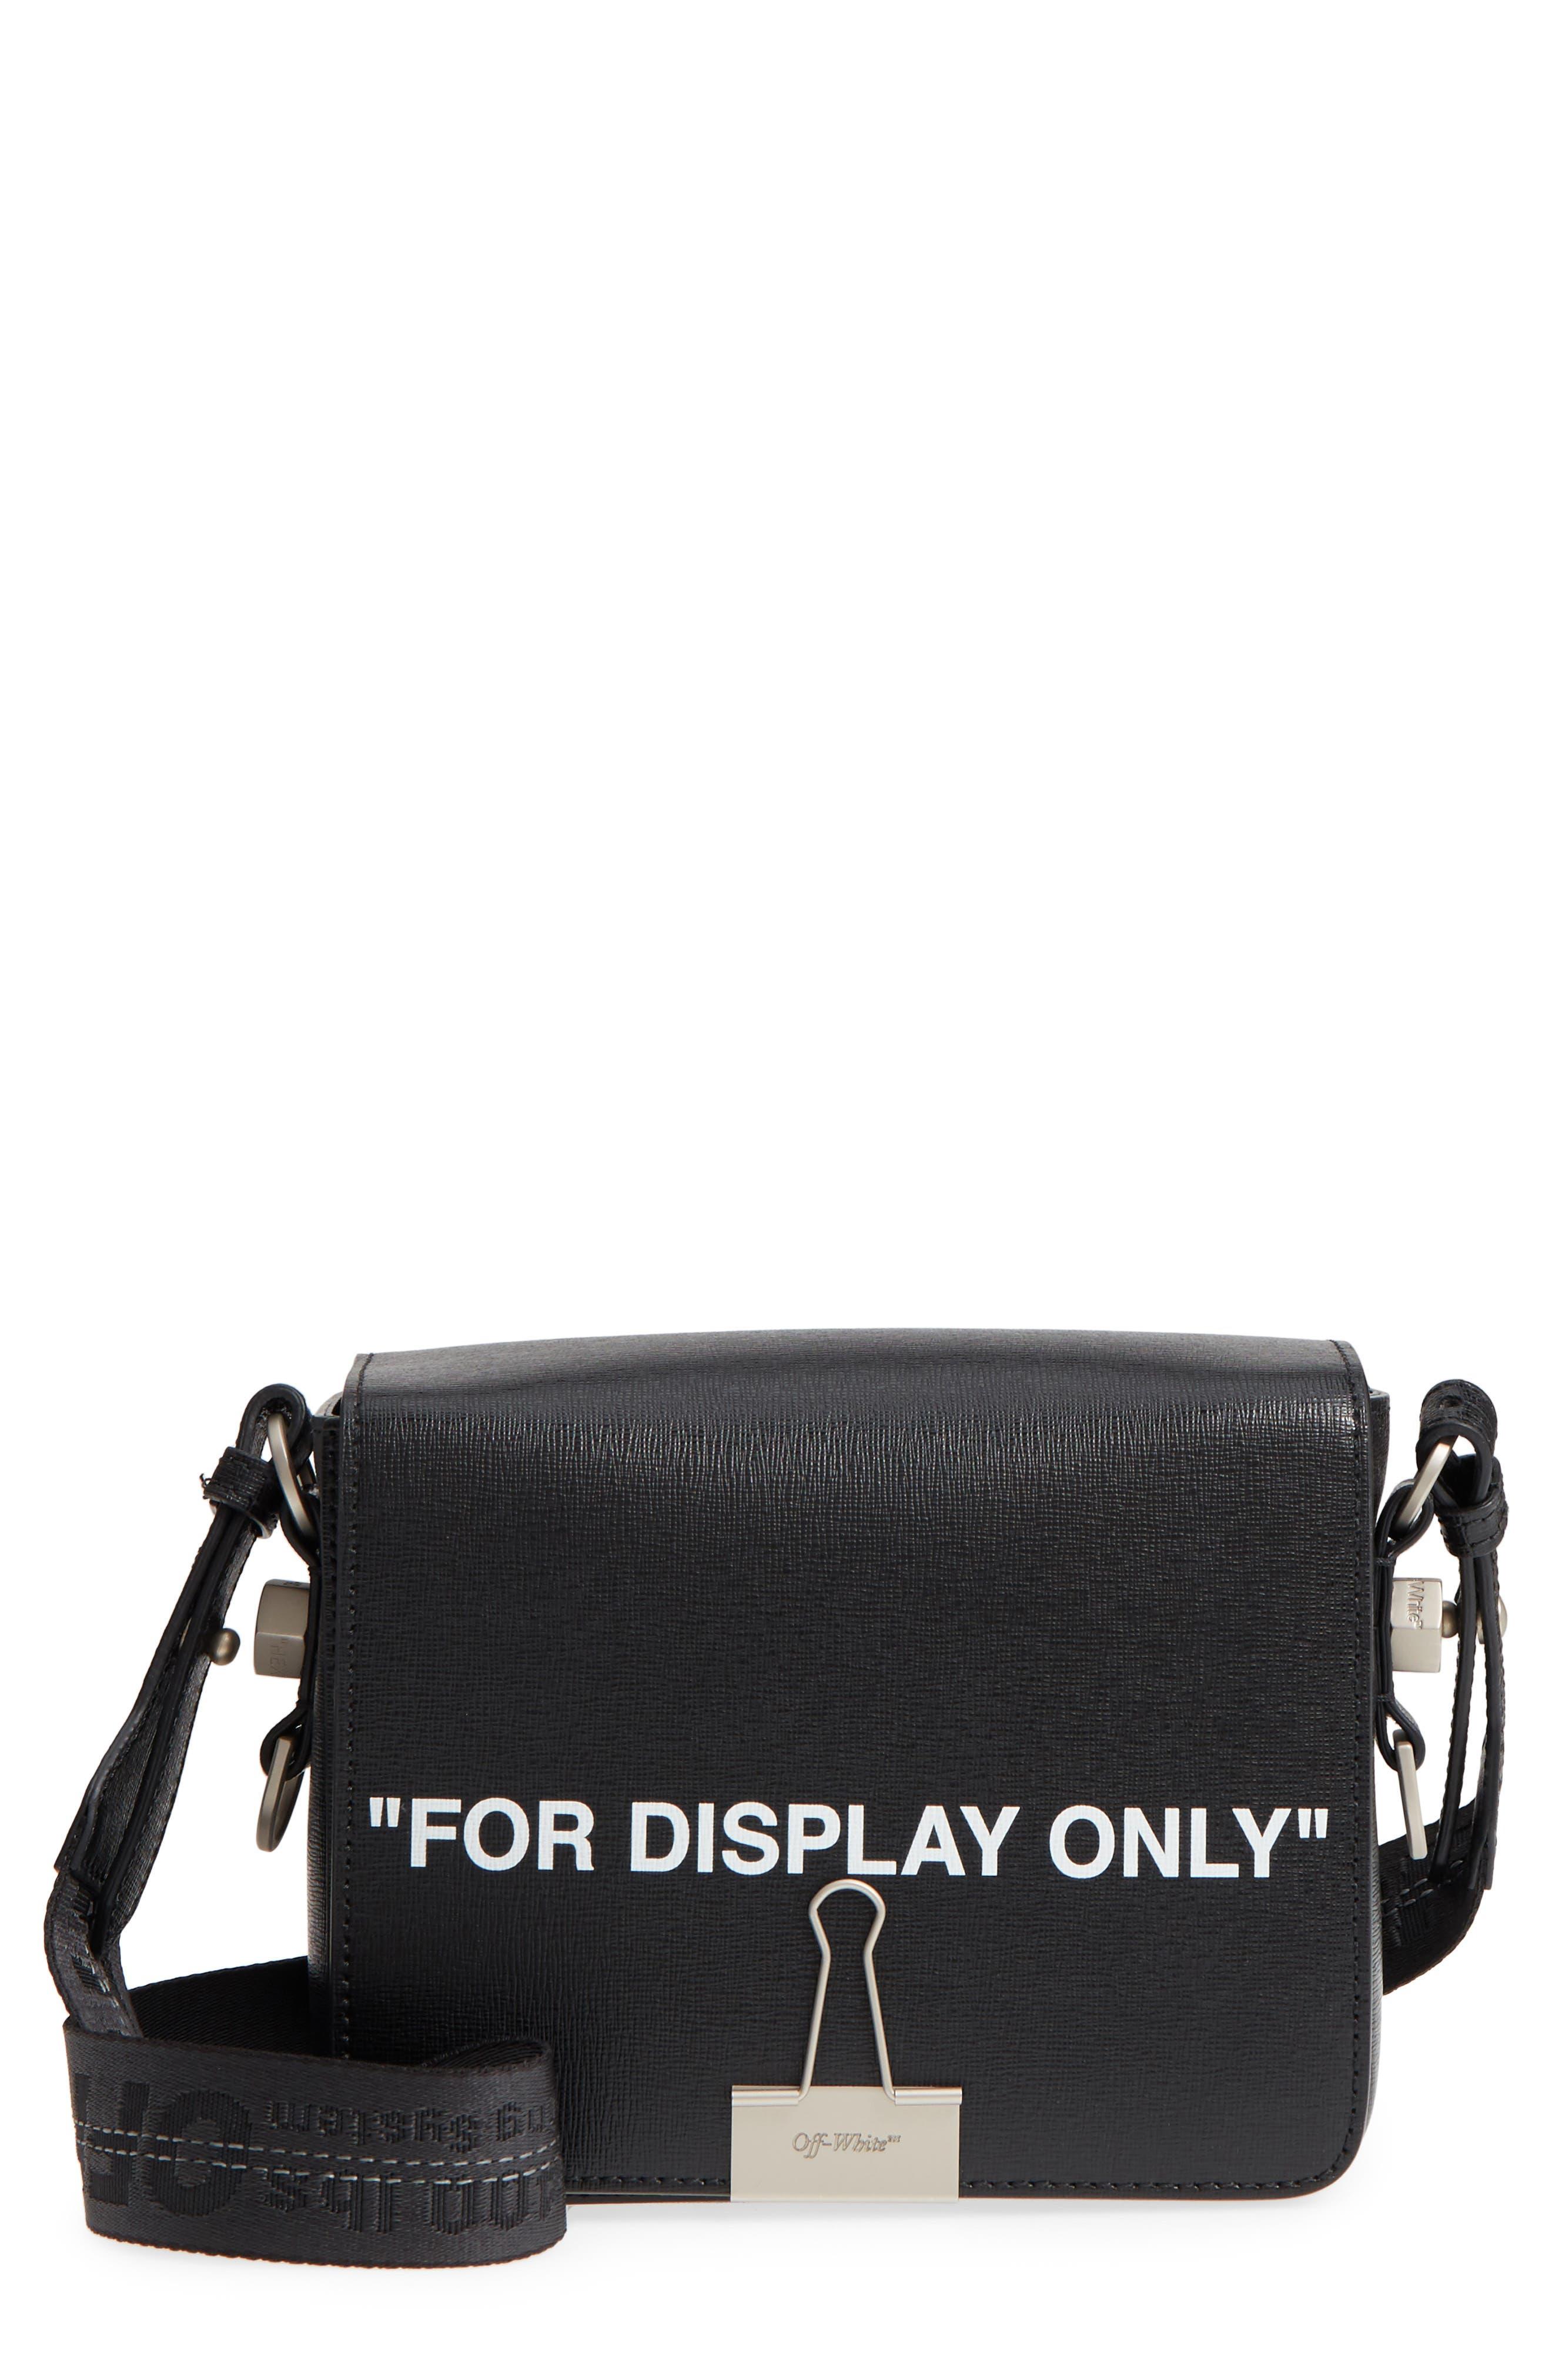 Virgil Was Here Binder Clip Leather Shoulder Bag,                         Main,                         color, Black White